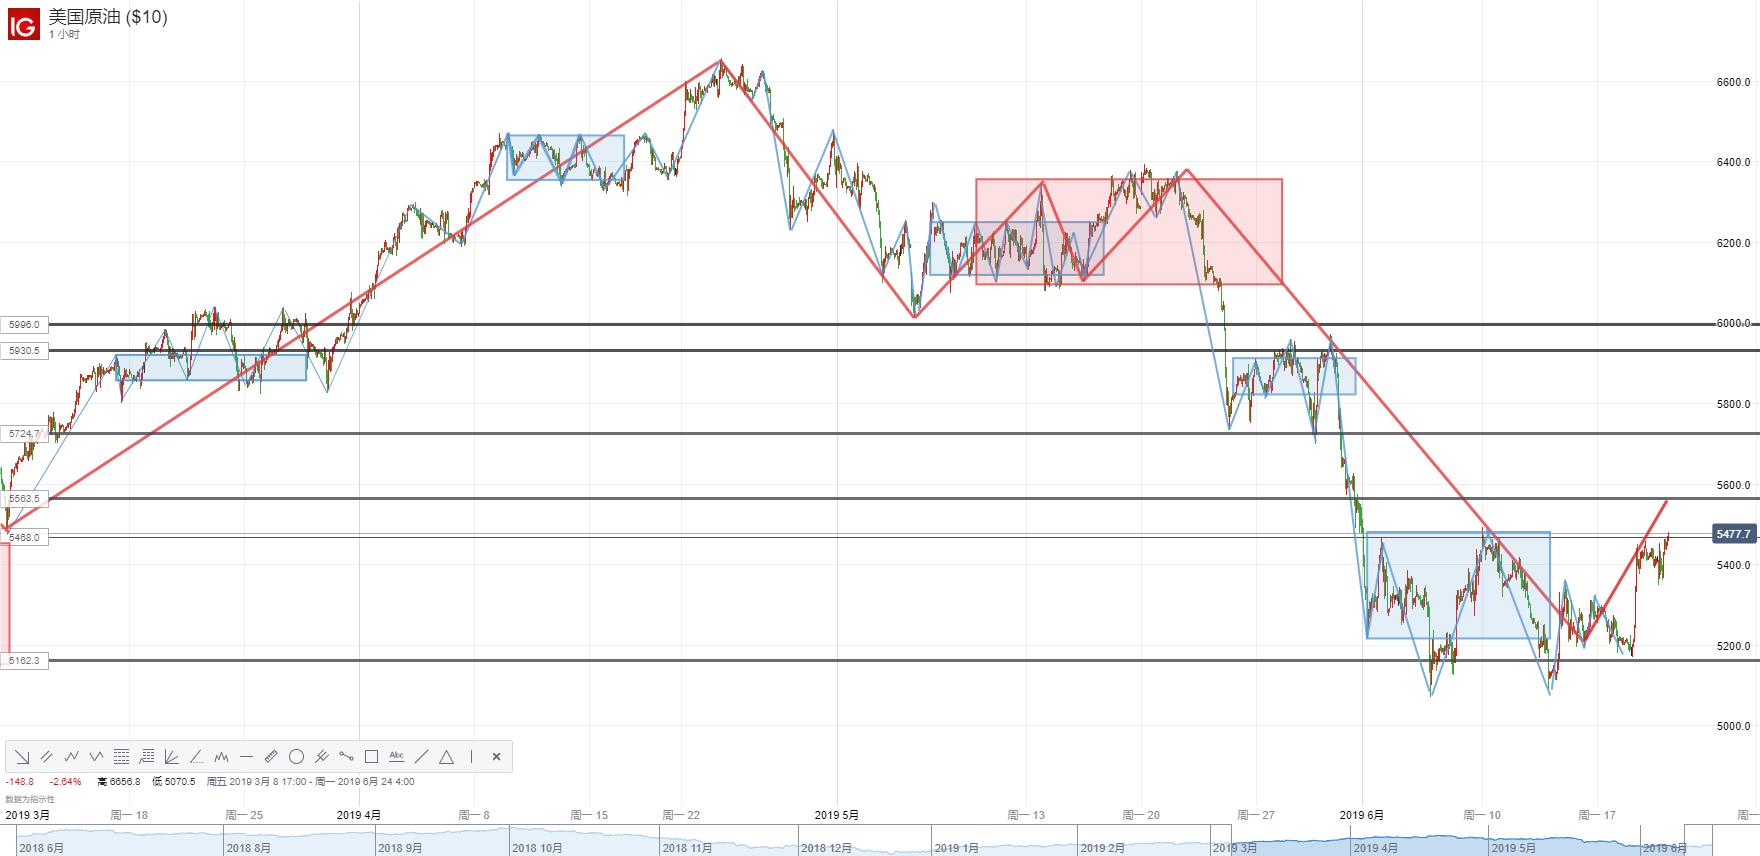 【原油】點陣圖發出降息信號!EIA原油庫存下降、美伊局勢持續升級,油價創近兩周新高!